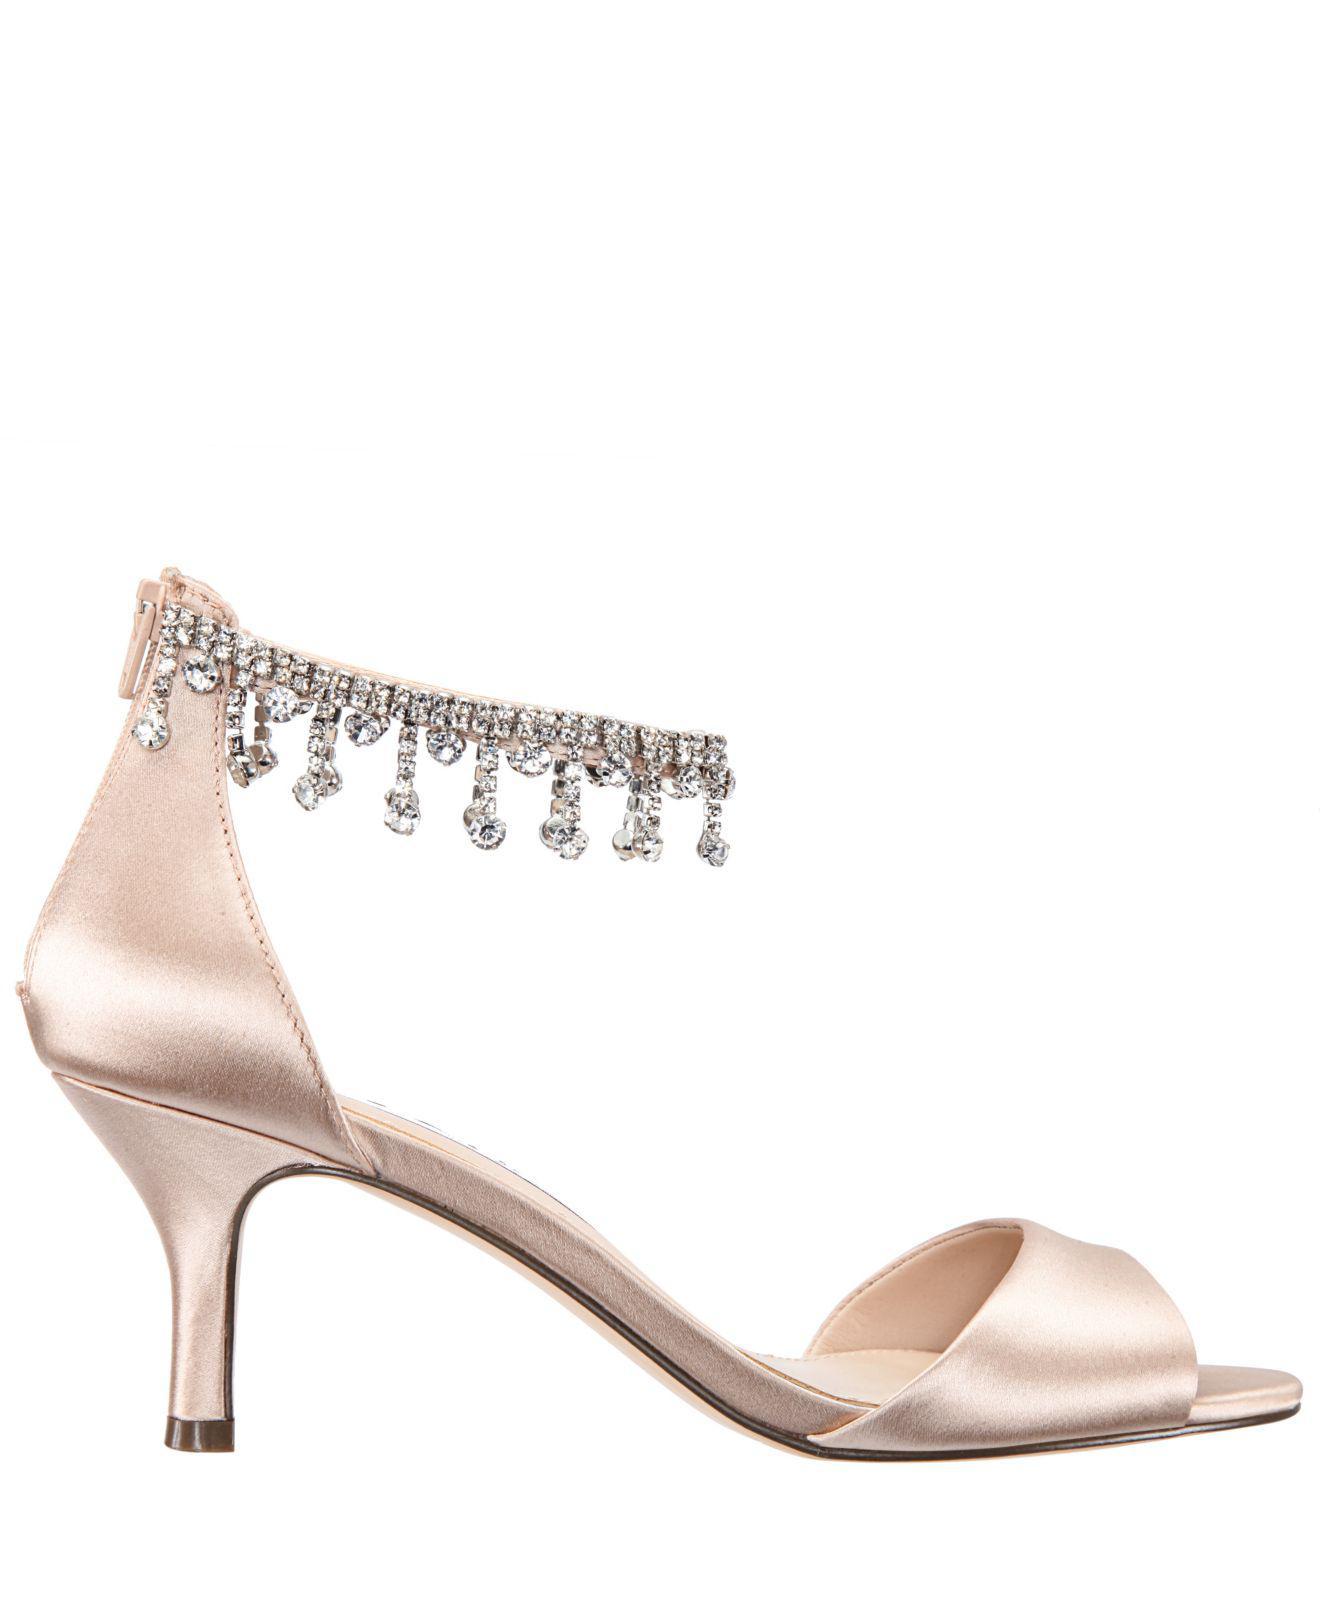 eb430b40b6a Lyst - Nina Chianne Dress Sandals in Natural